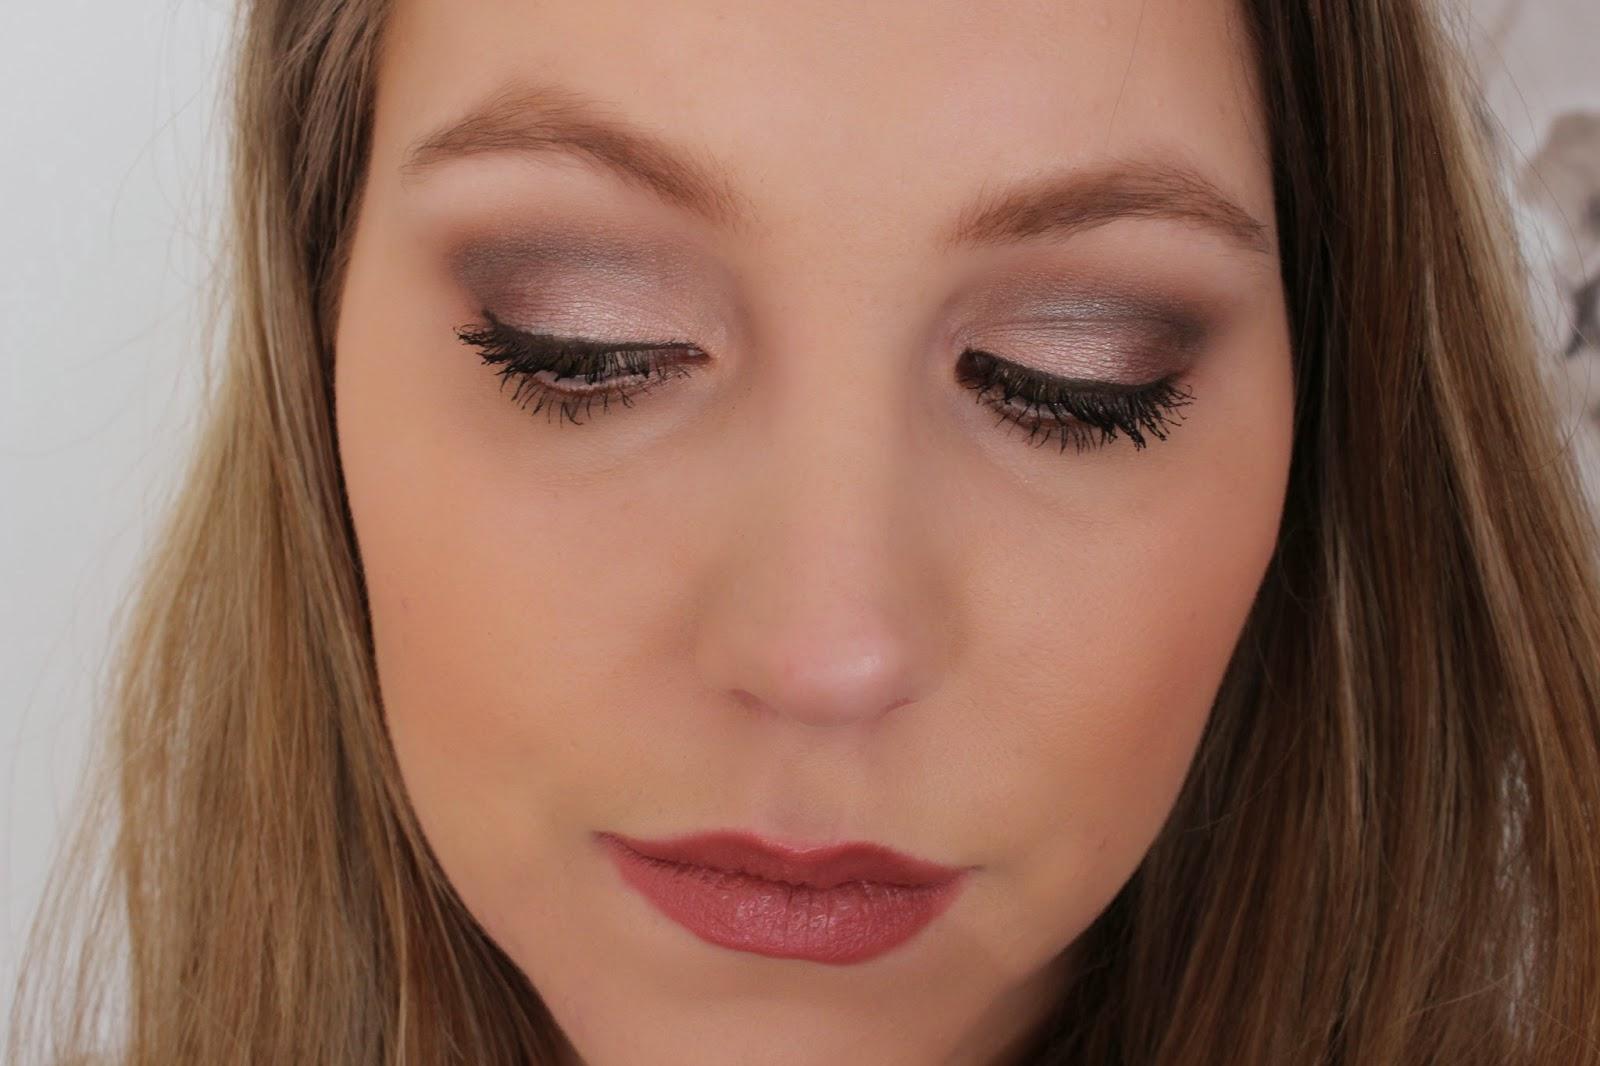 mac-eye-makeup-look-34